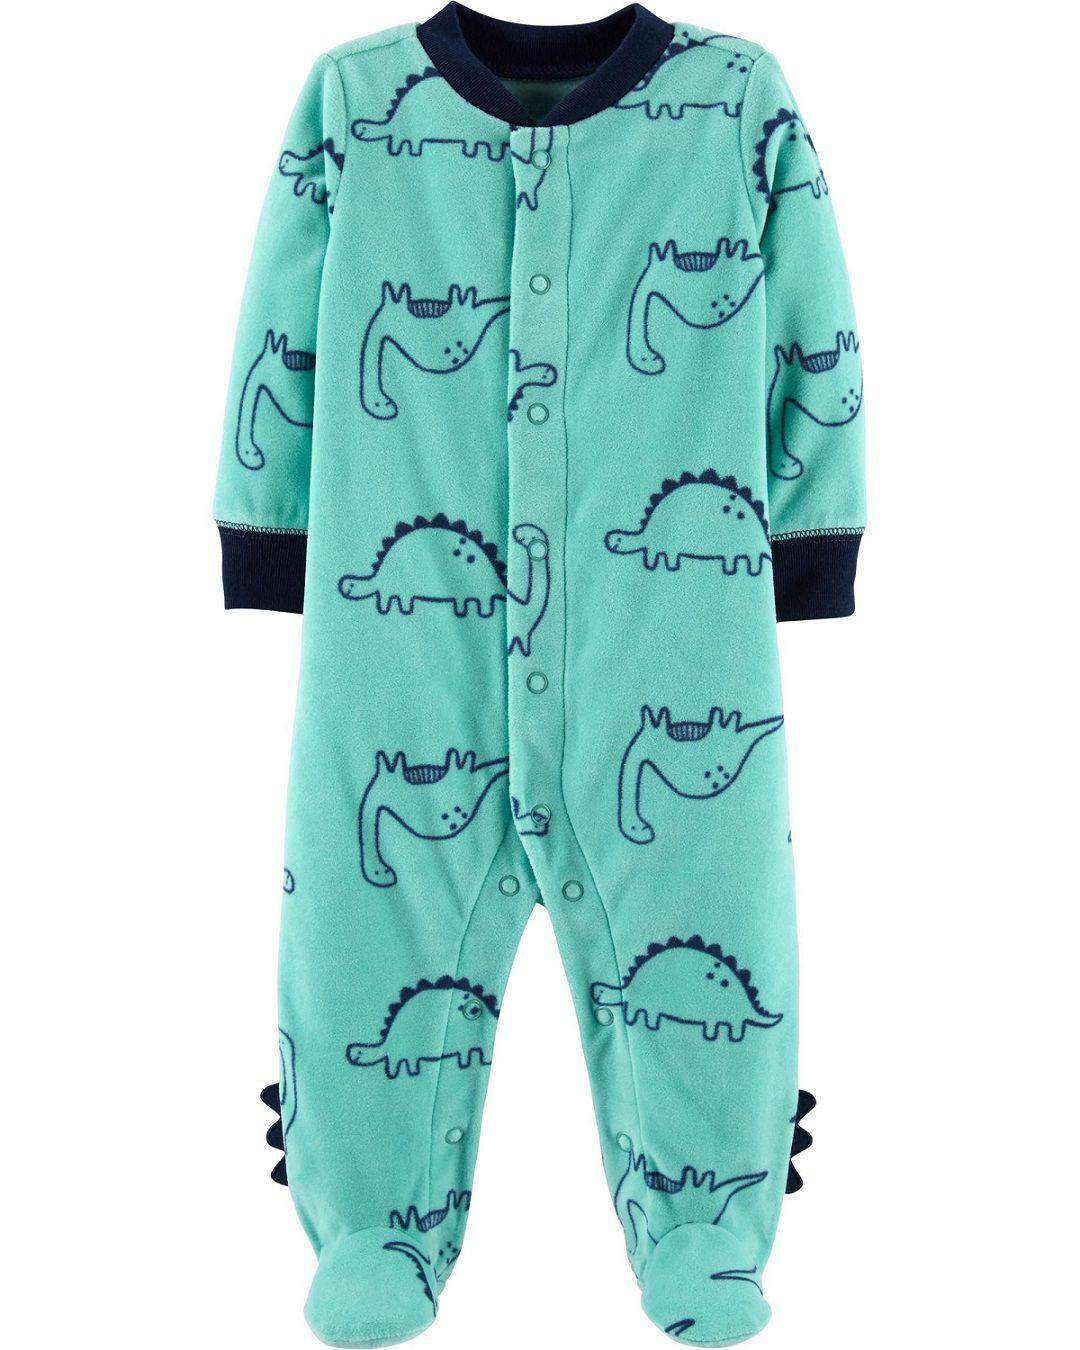 719a273da Macacão Fleece Carters - 9 Meses - 115G596 DINO - Le Petite Baby Store ...